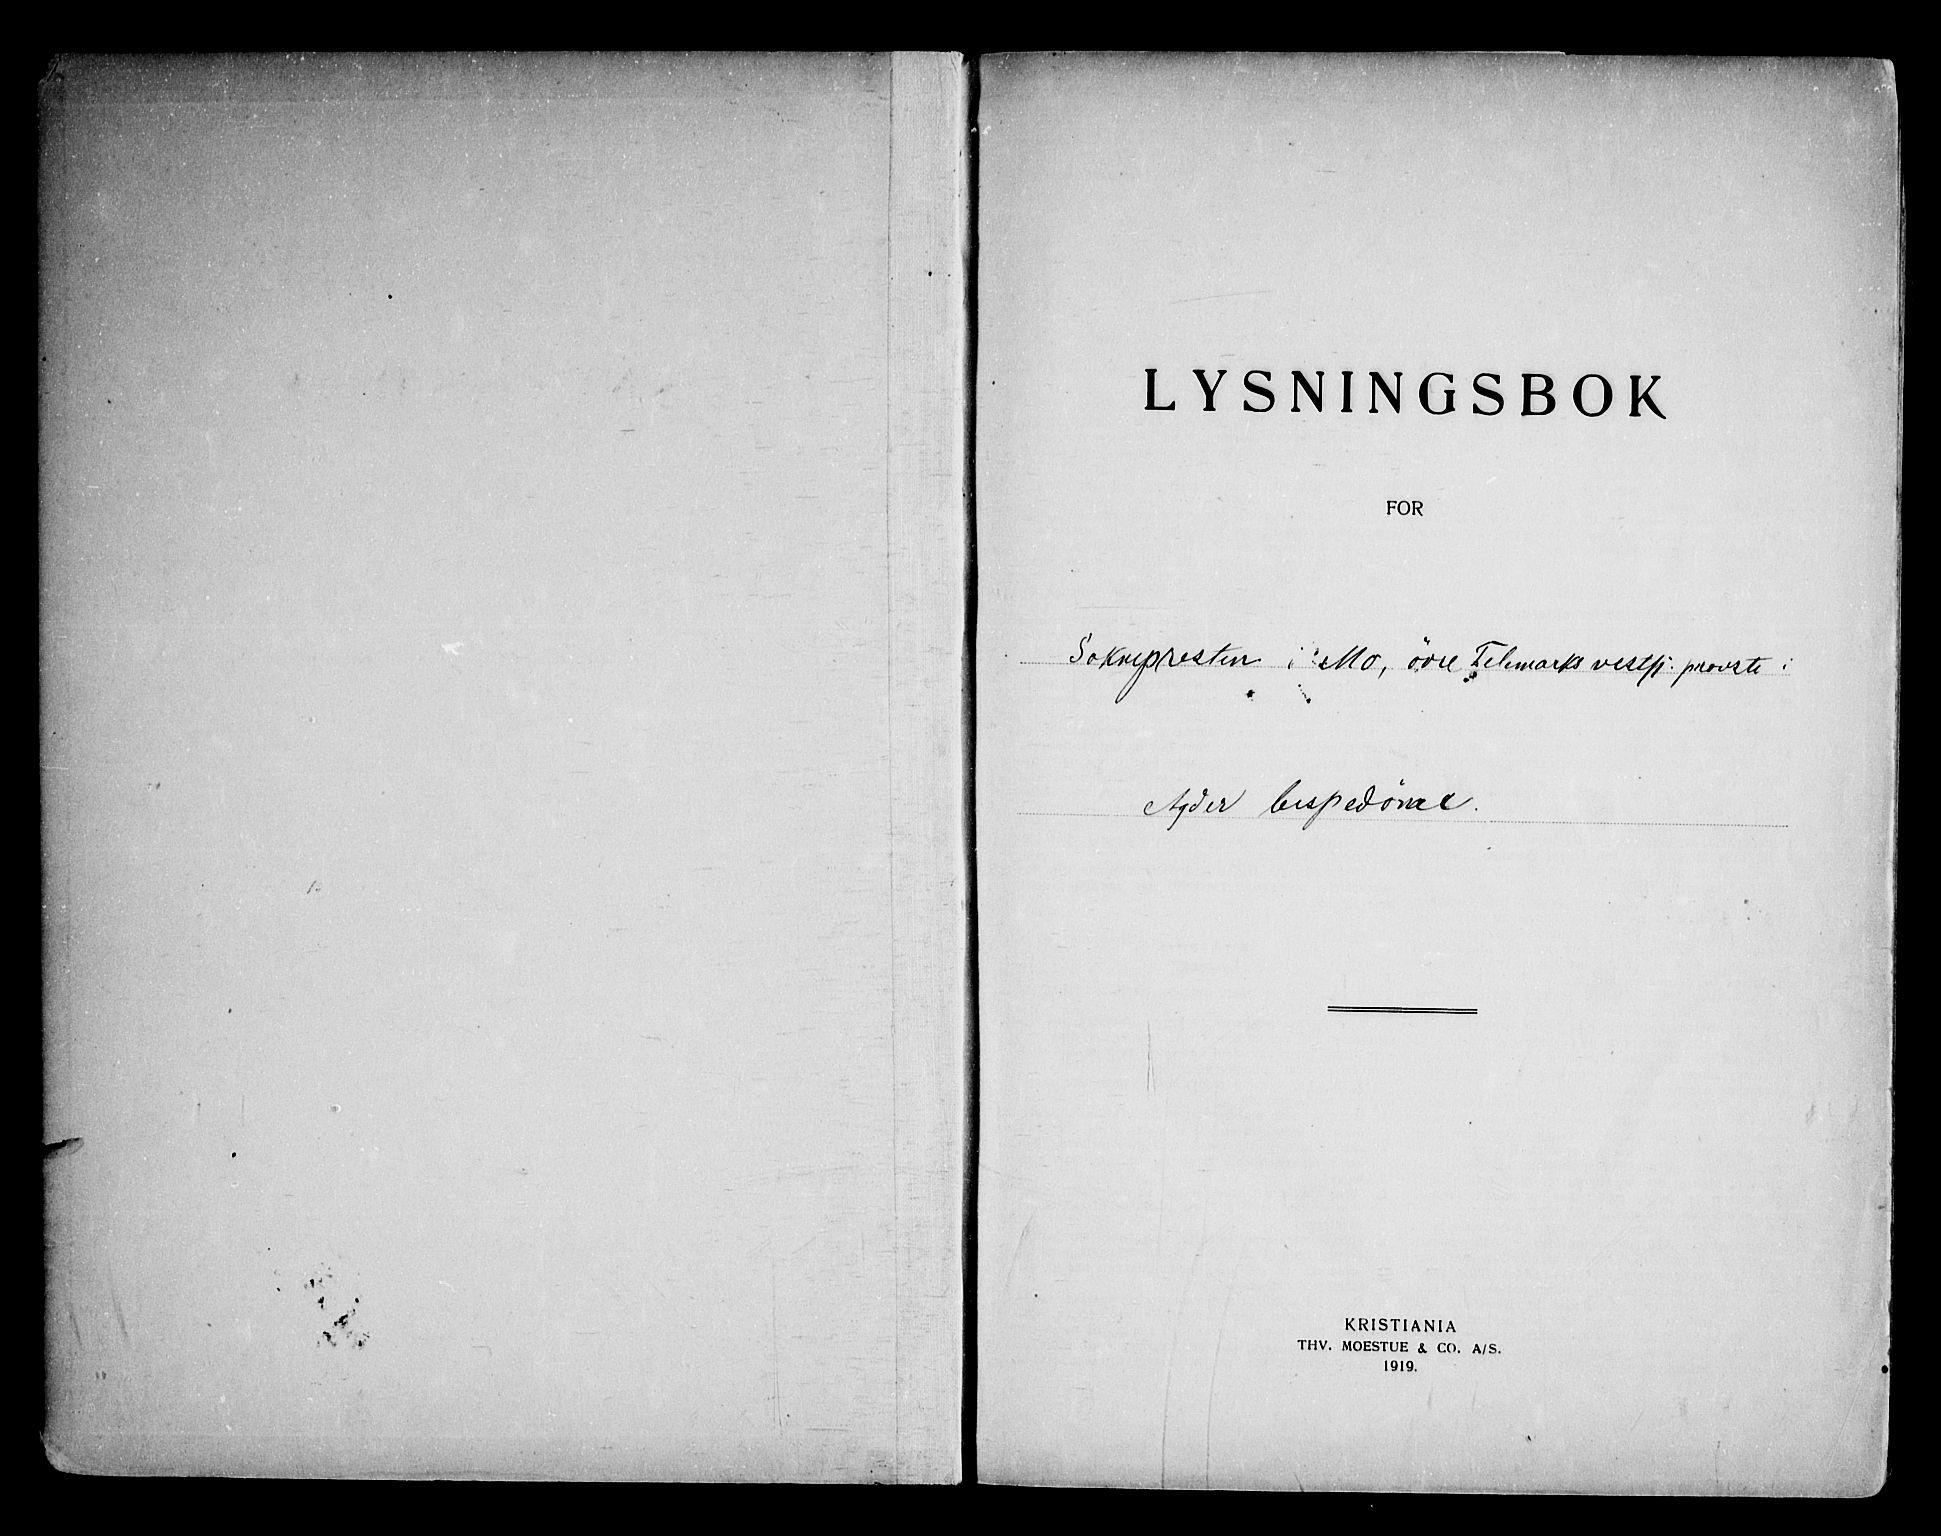 SAKO, Mo kirkebøker, H/Ha/L0001: Lysningsprotokoll nr. 1, 1919-1969